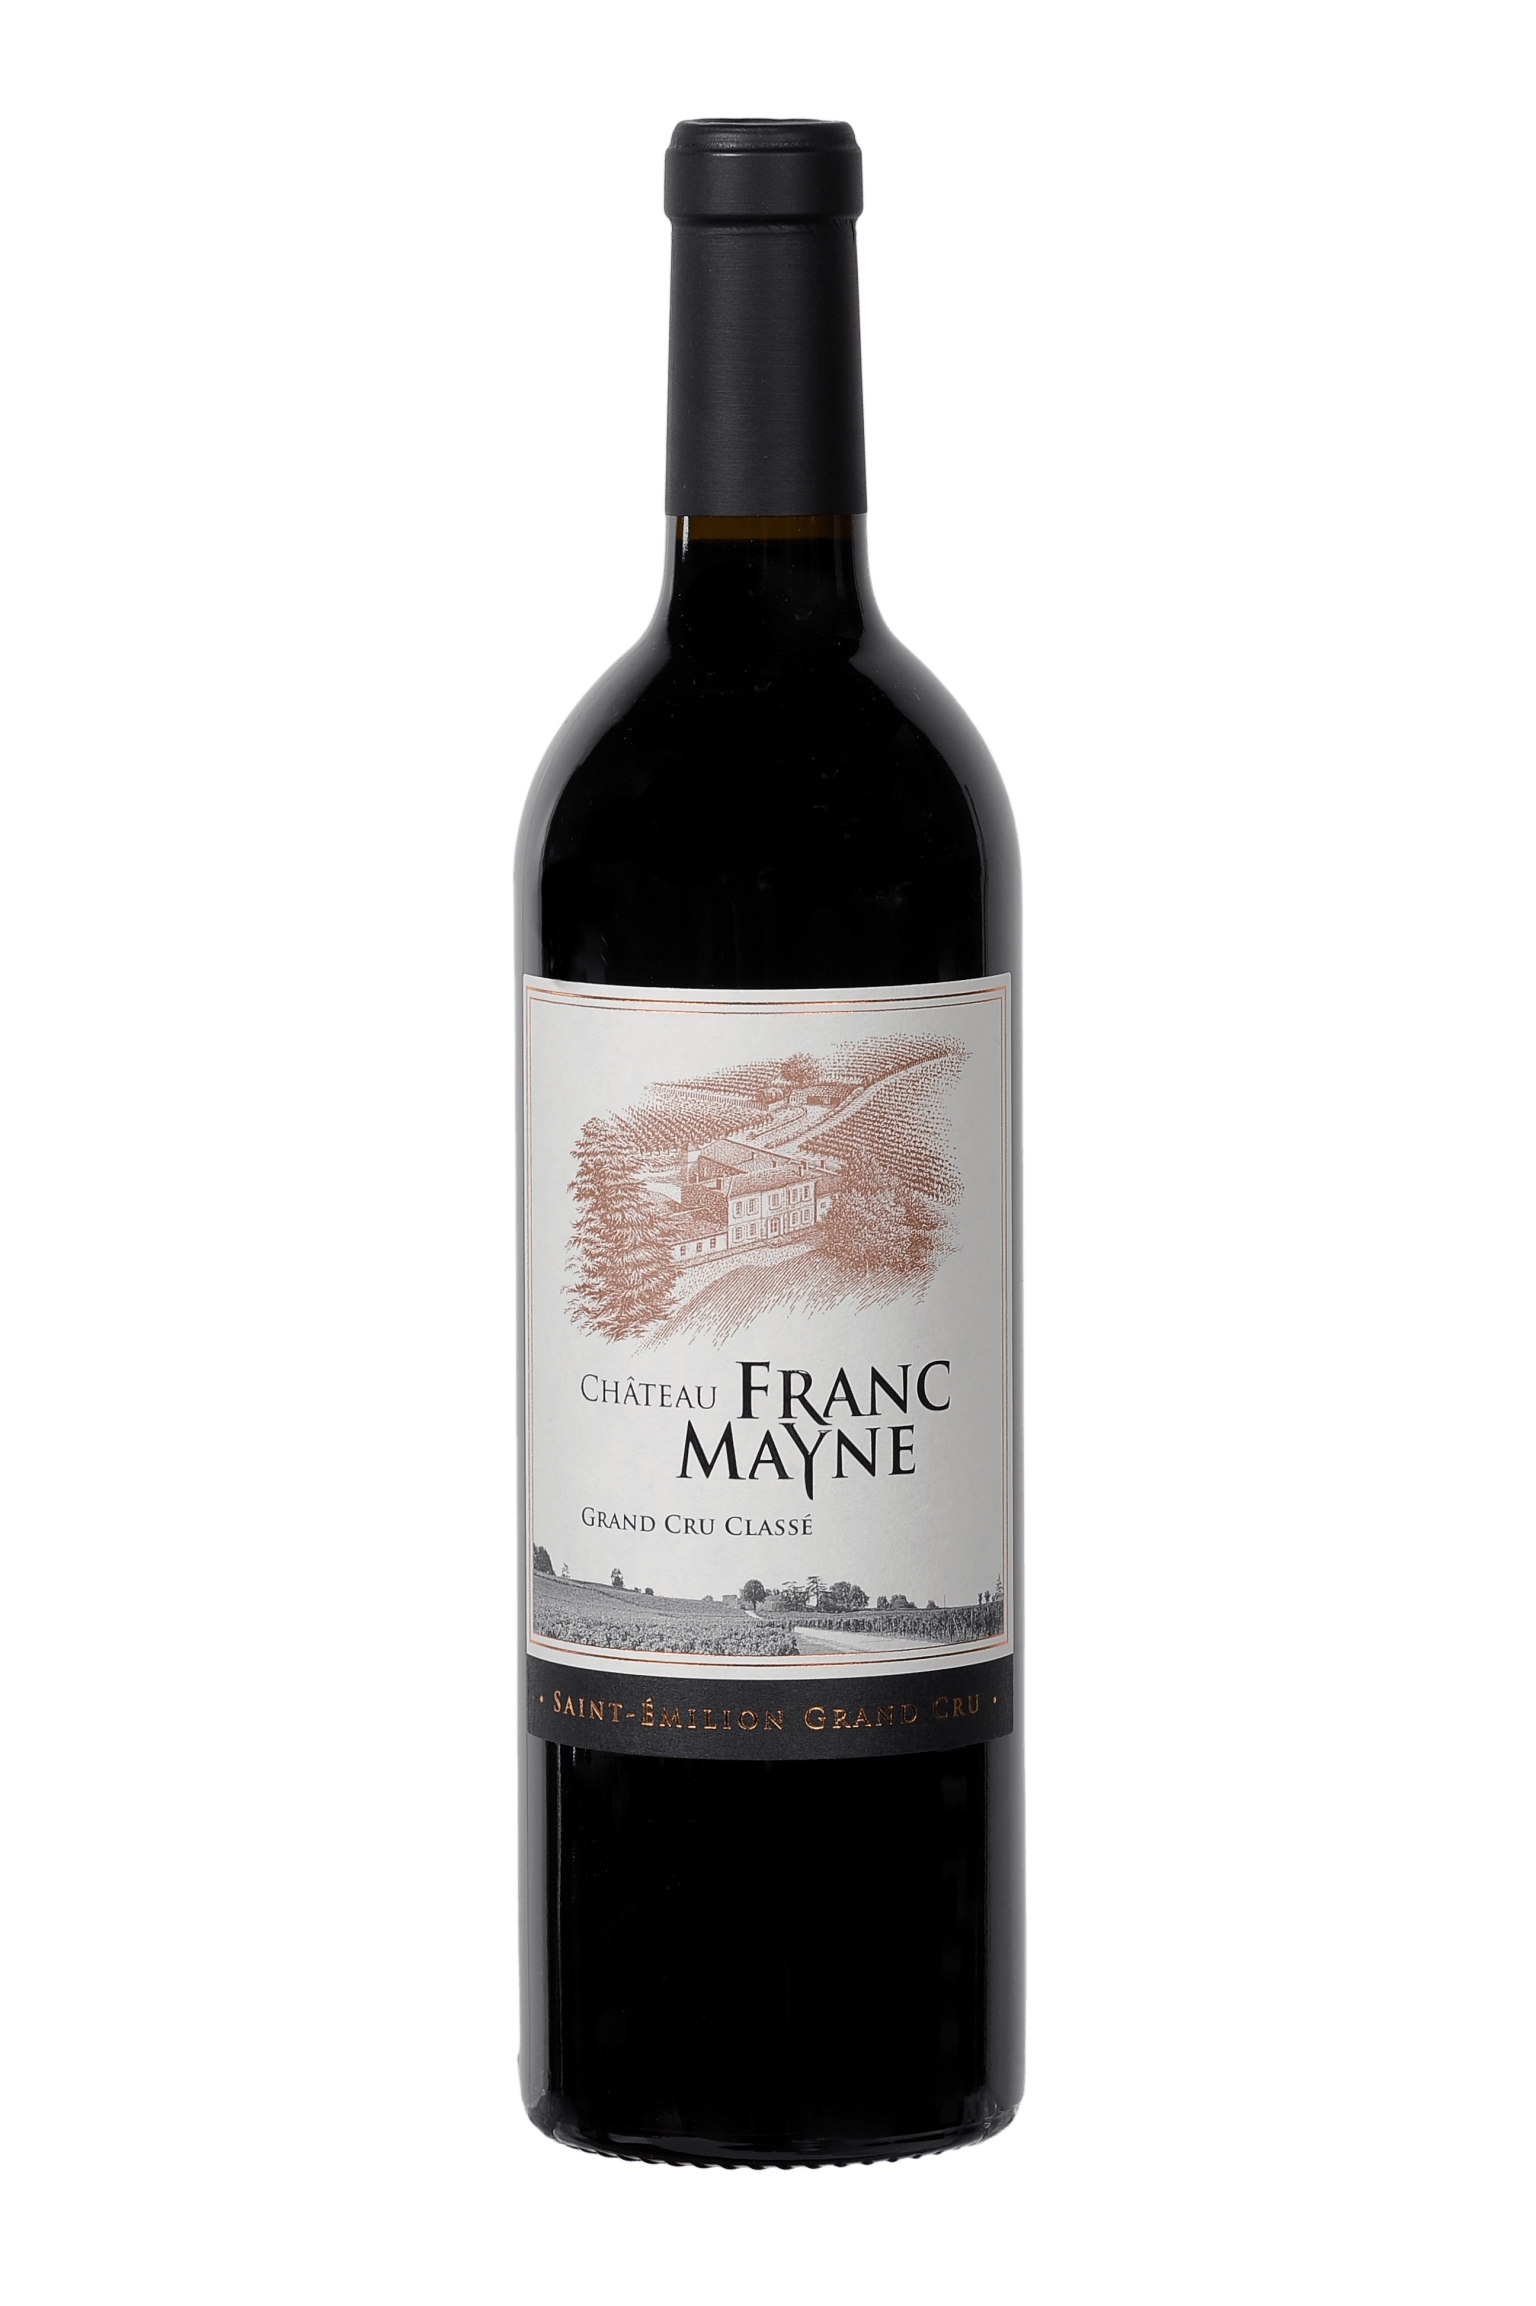 Château Franc Mayne 2016 - Grand cru classé Saint-Emilion - Château Franc Mayne